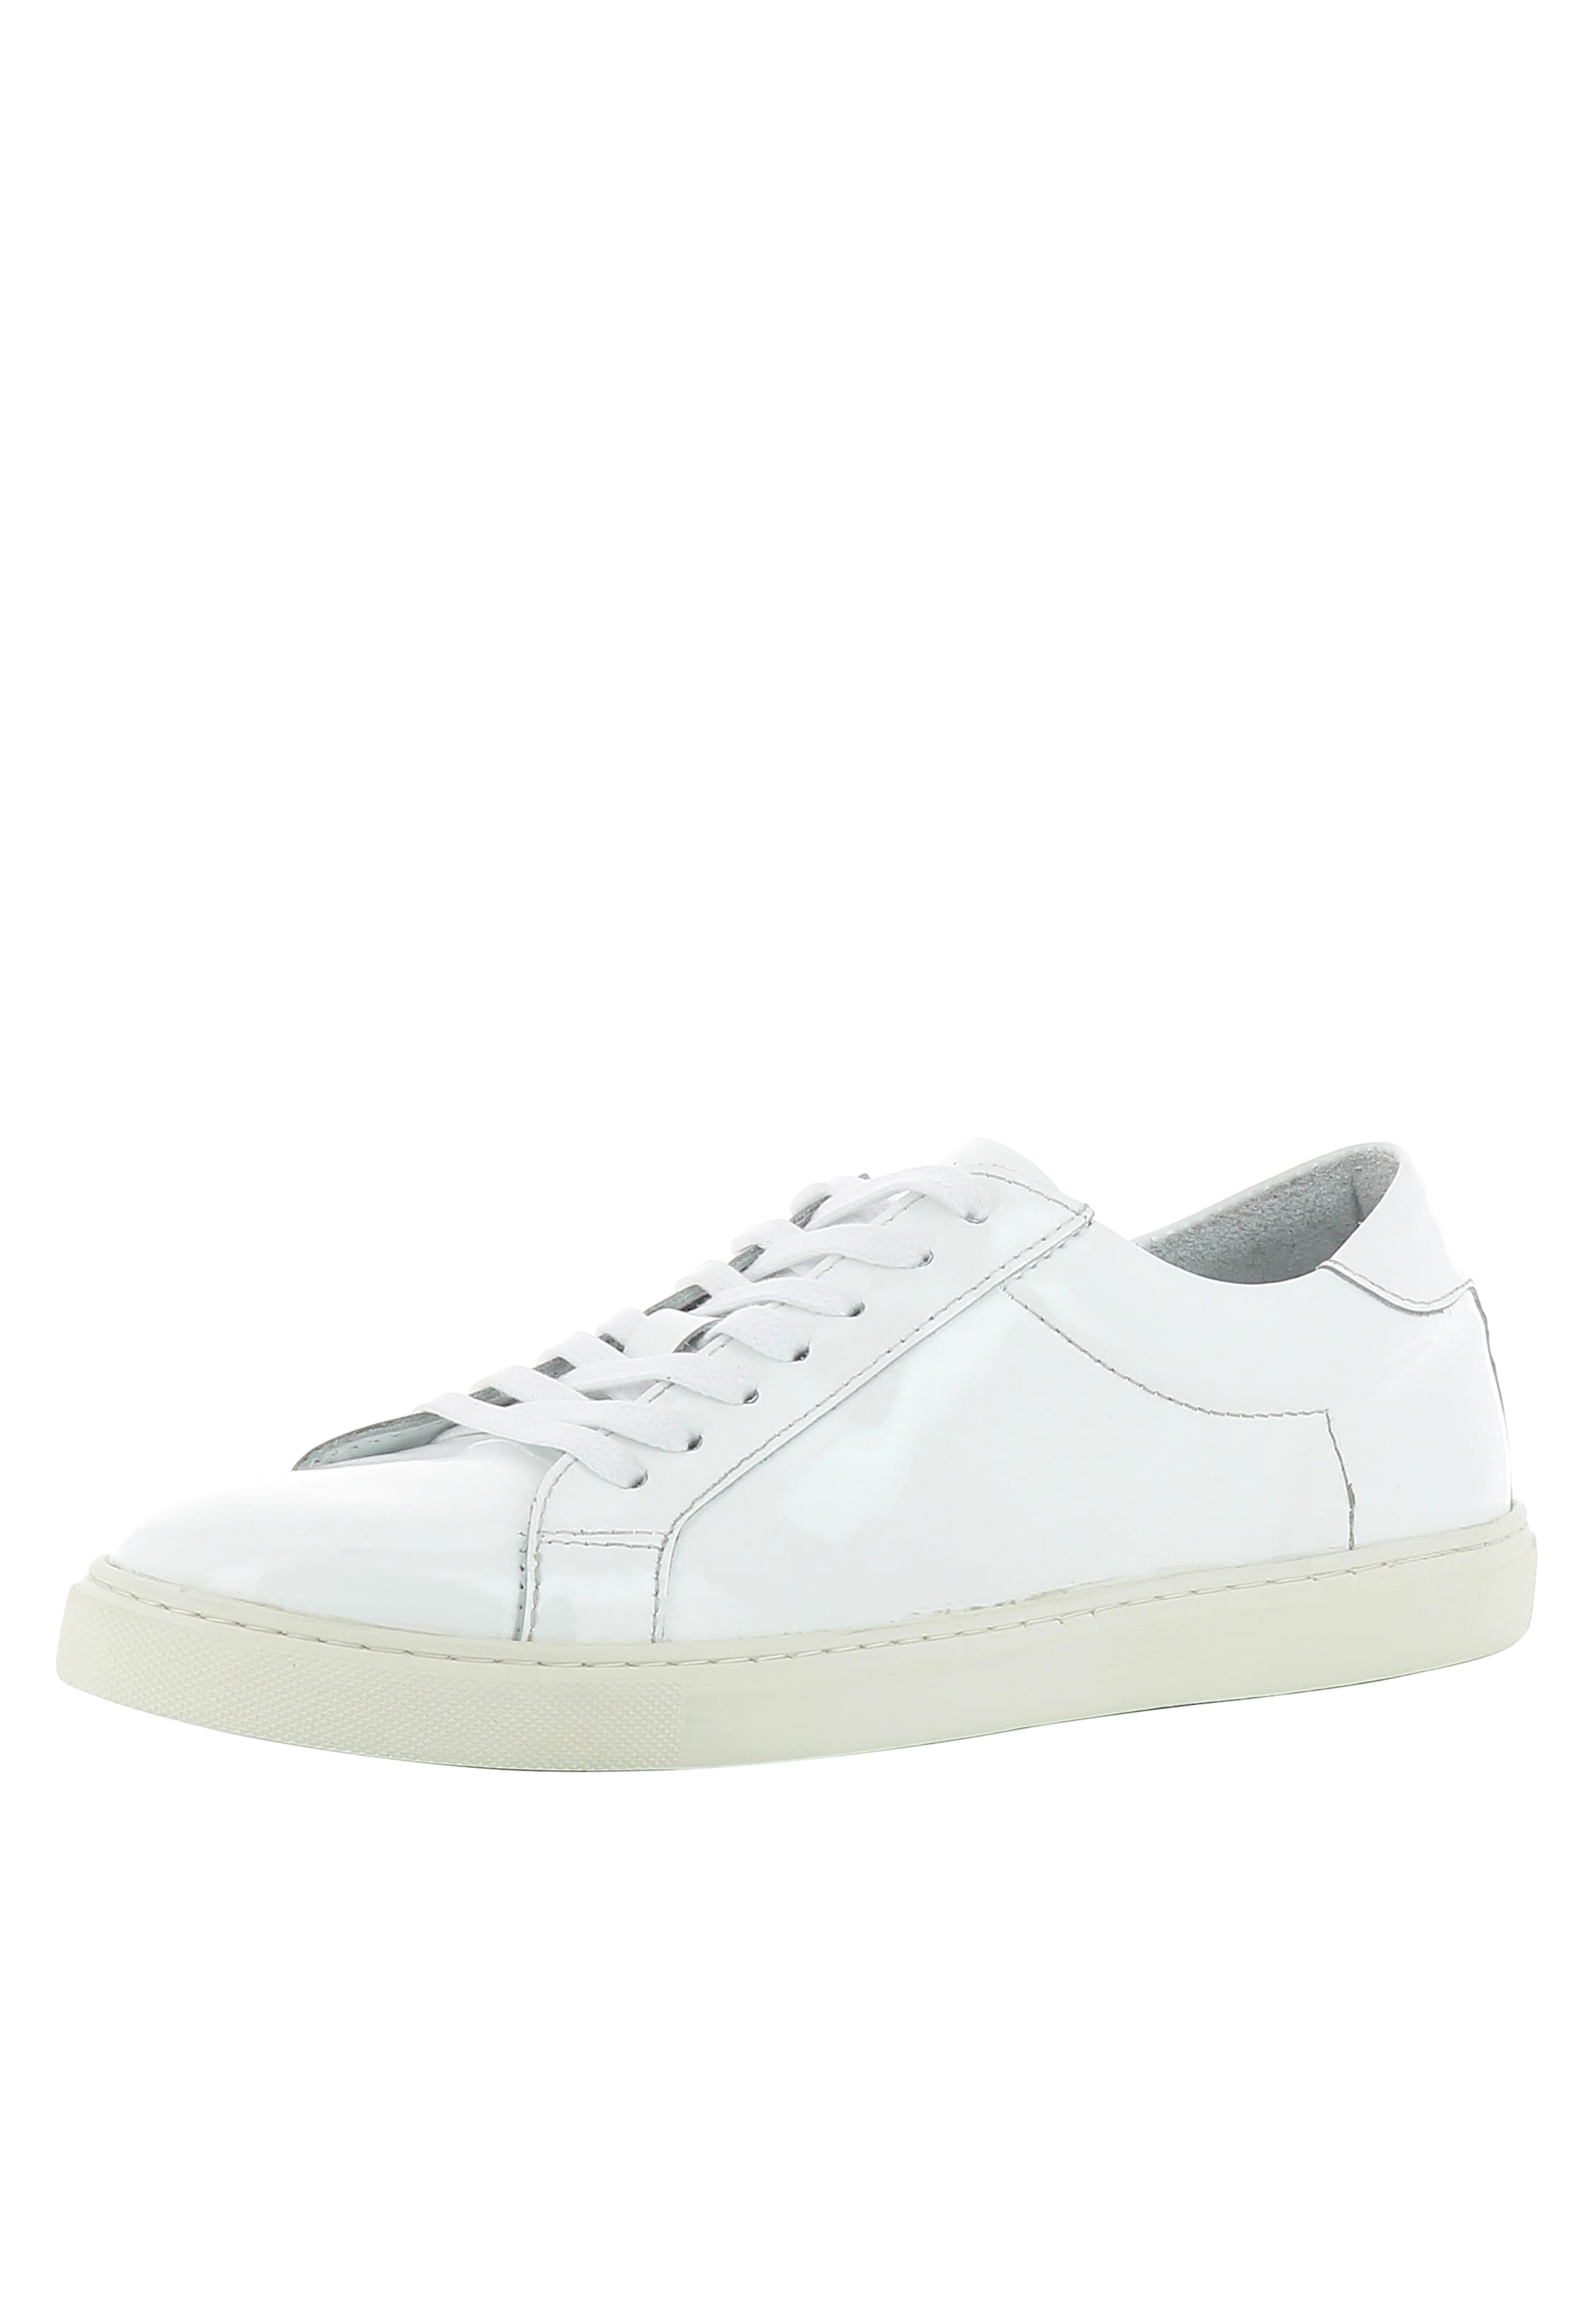 EVITA Damen Sneaker MARISA Günstige und langlebige Schuhe